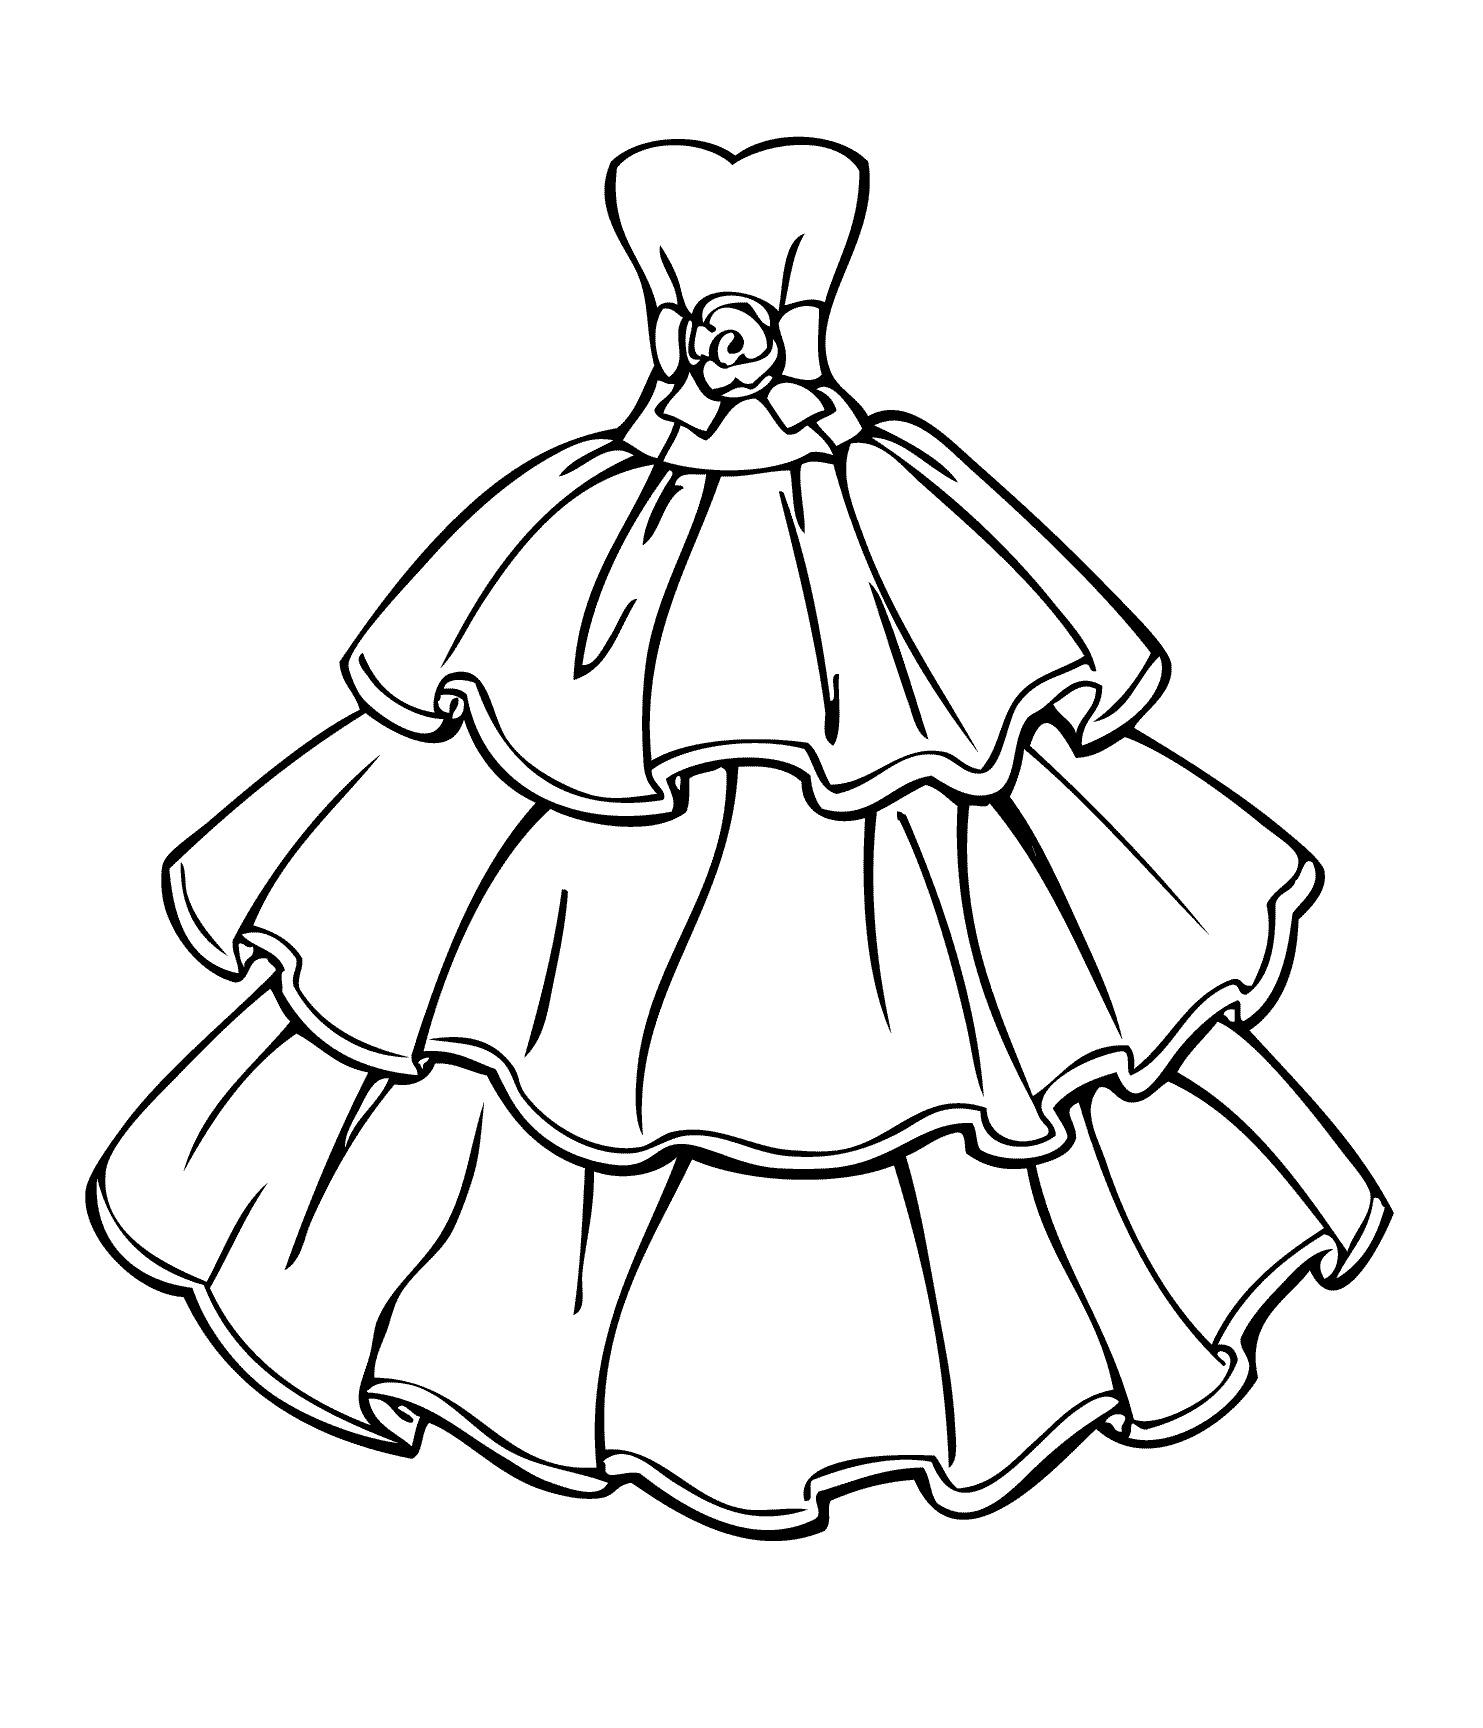 Раскраски платья Раскраски платья, раскраски для девочек с красивыми платьями